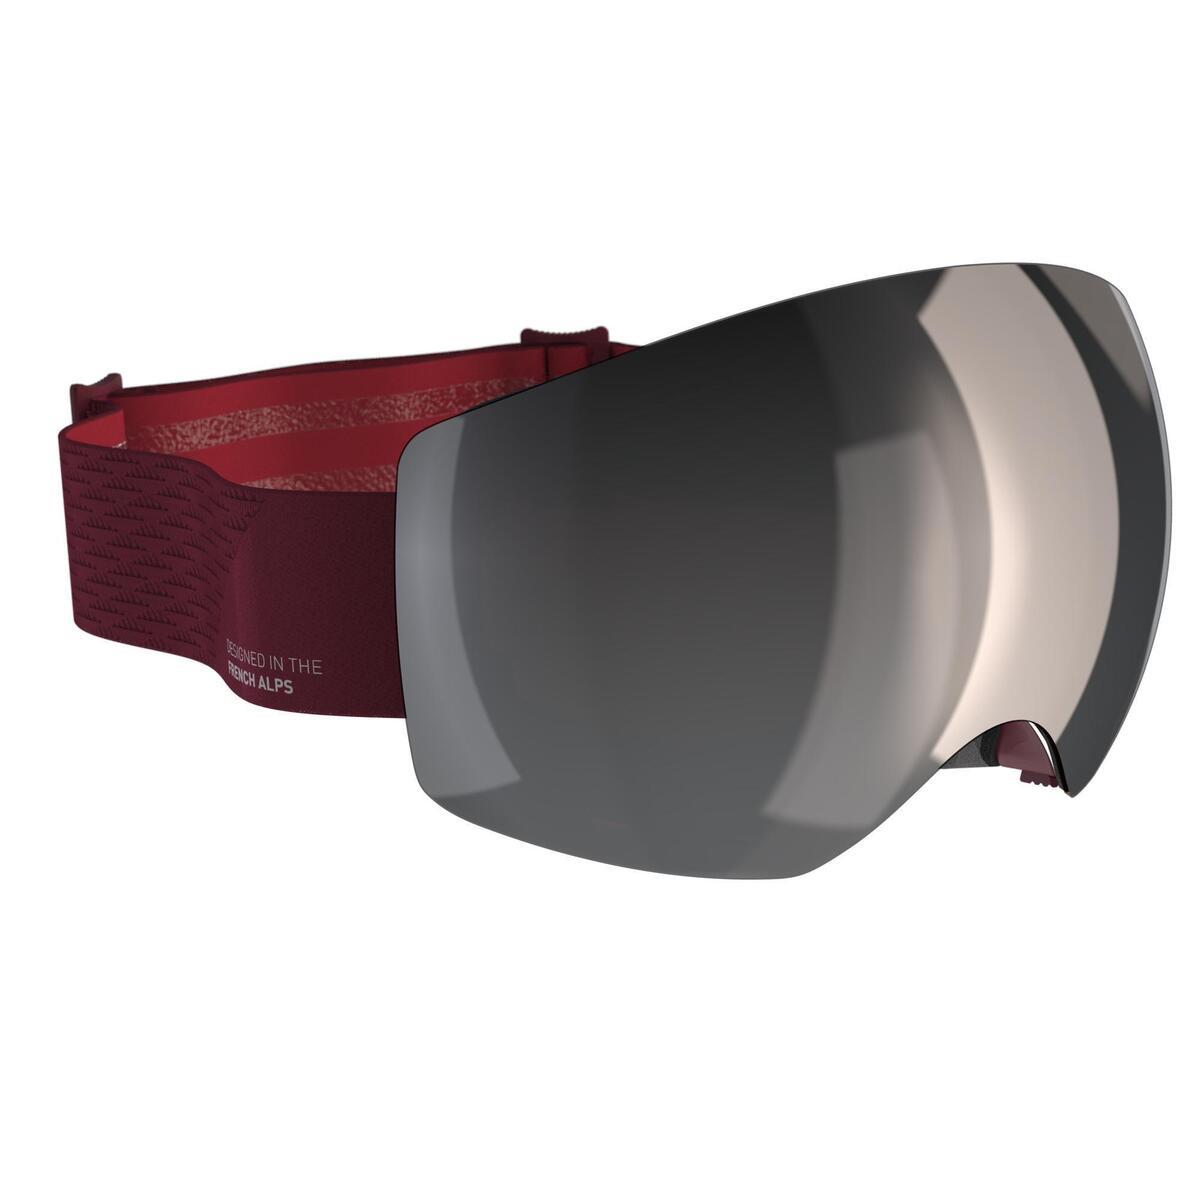 Bild 3 von Skibrille / Snowboardbrille G 520 I Erwachsene/Kinder rot